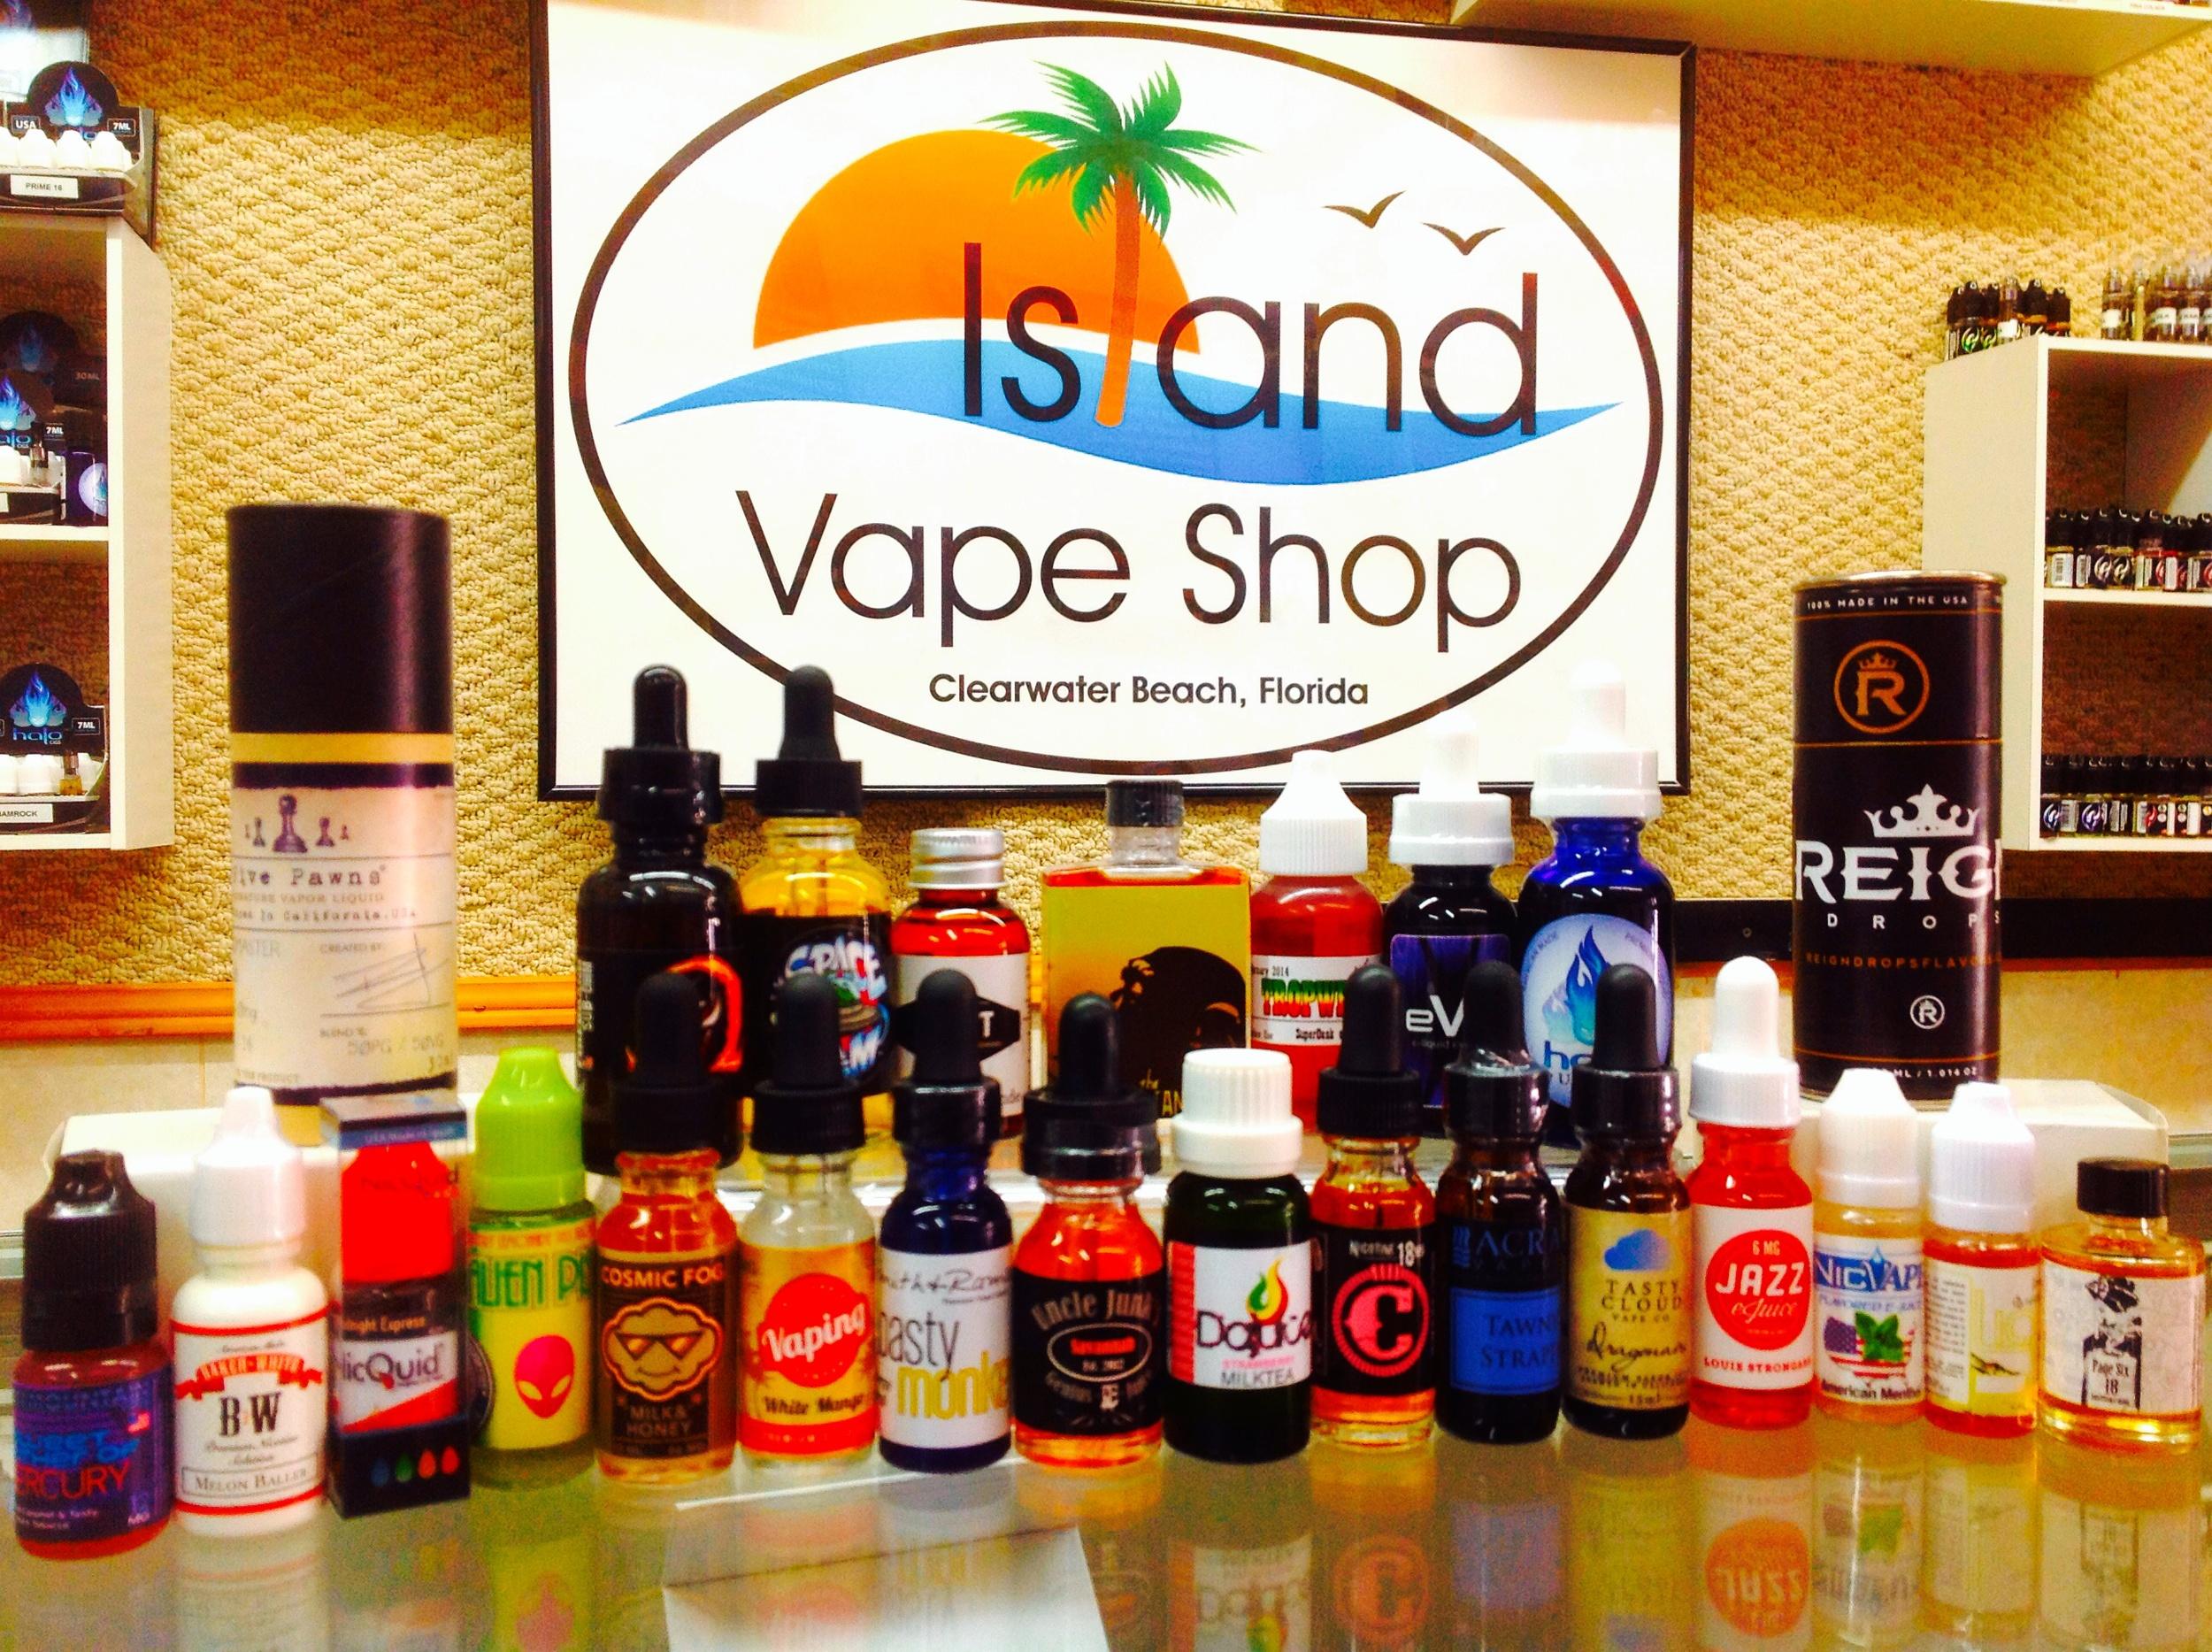 island_vape_shop_e_liquid_selection.jpeg